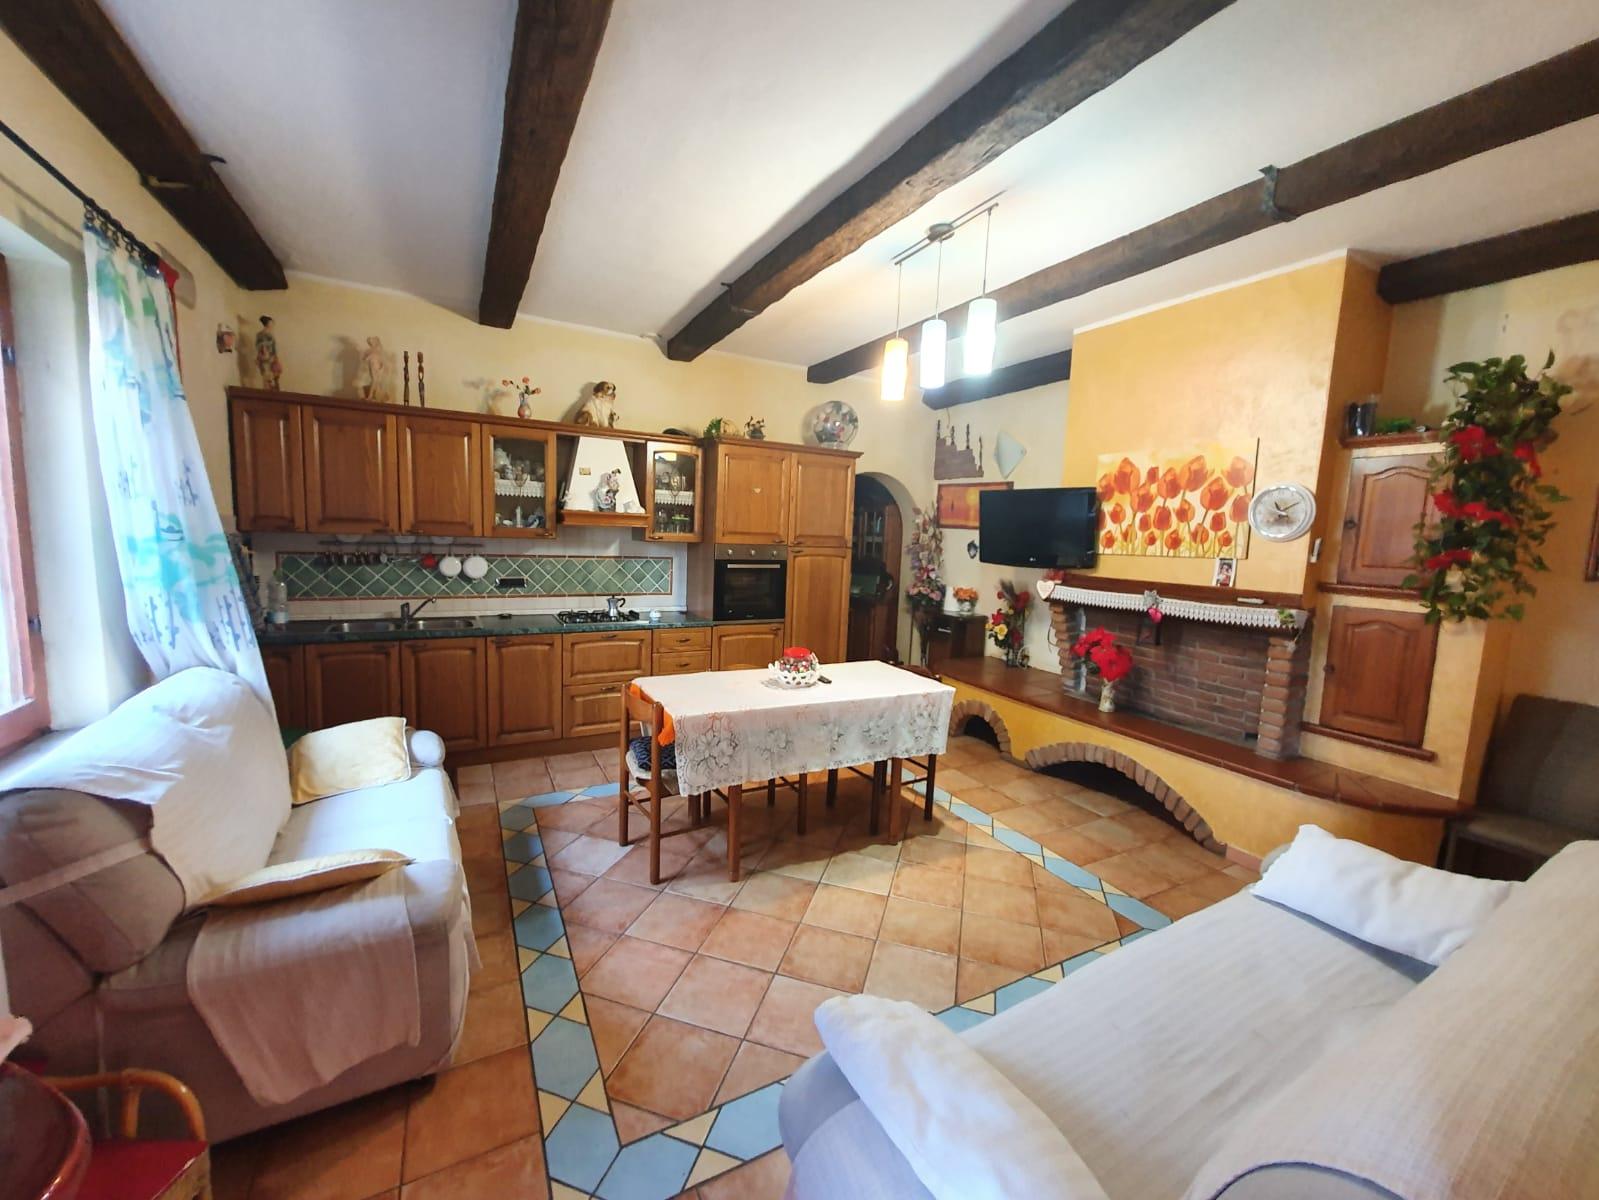 Soluzione Indipendente in vendita a Tortolì, 4 locali, prezzo € 130.000 | PortaleAgenzieImmobiliari.it